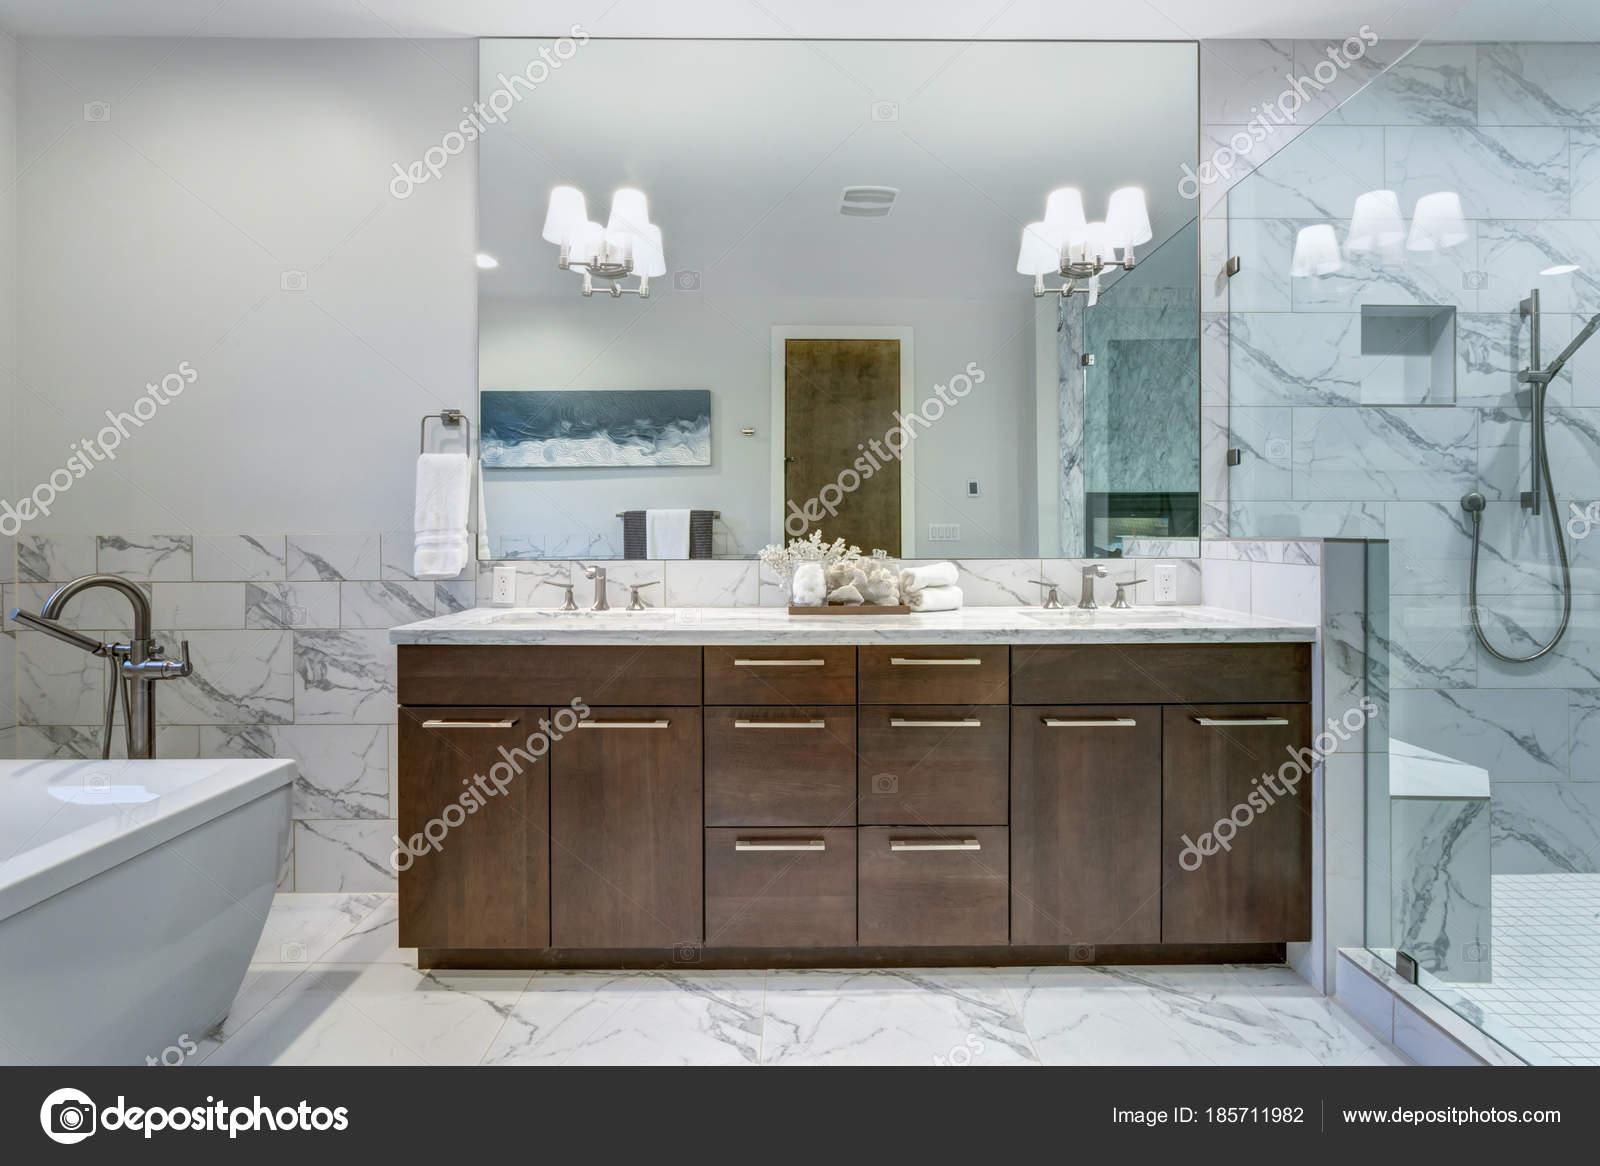 Bagni In Marmo Di Carrara : Incredibile bagno padronale con surround di mattonelle di marmo di